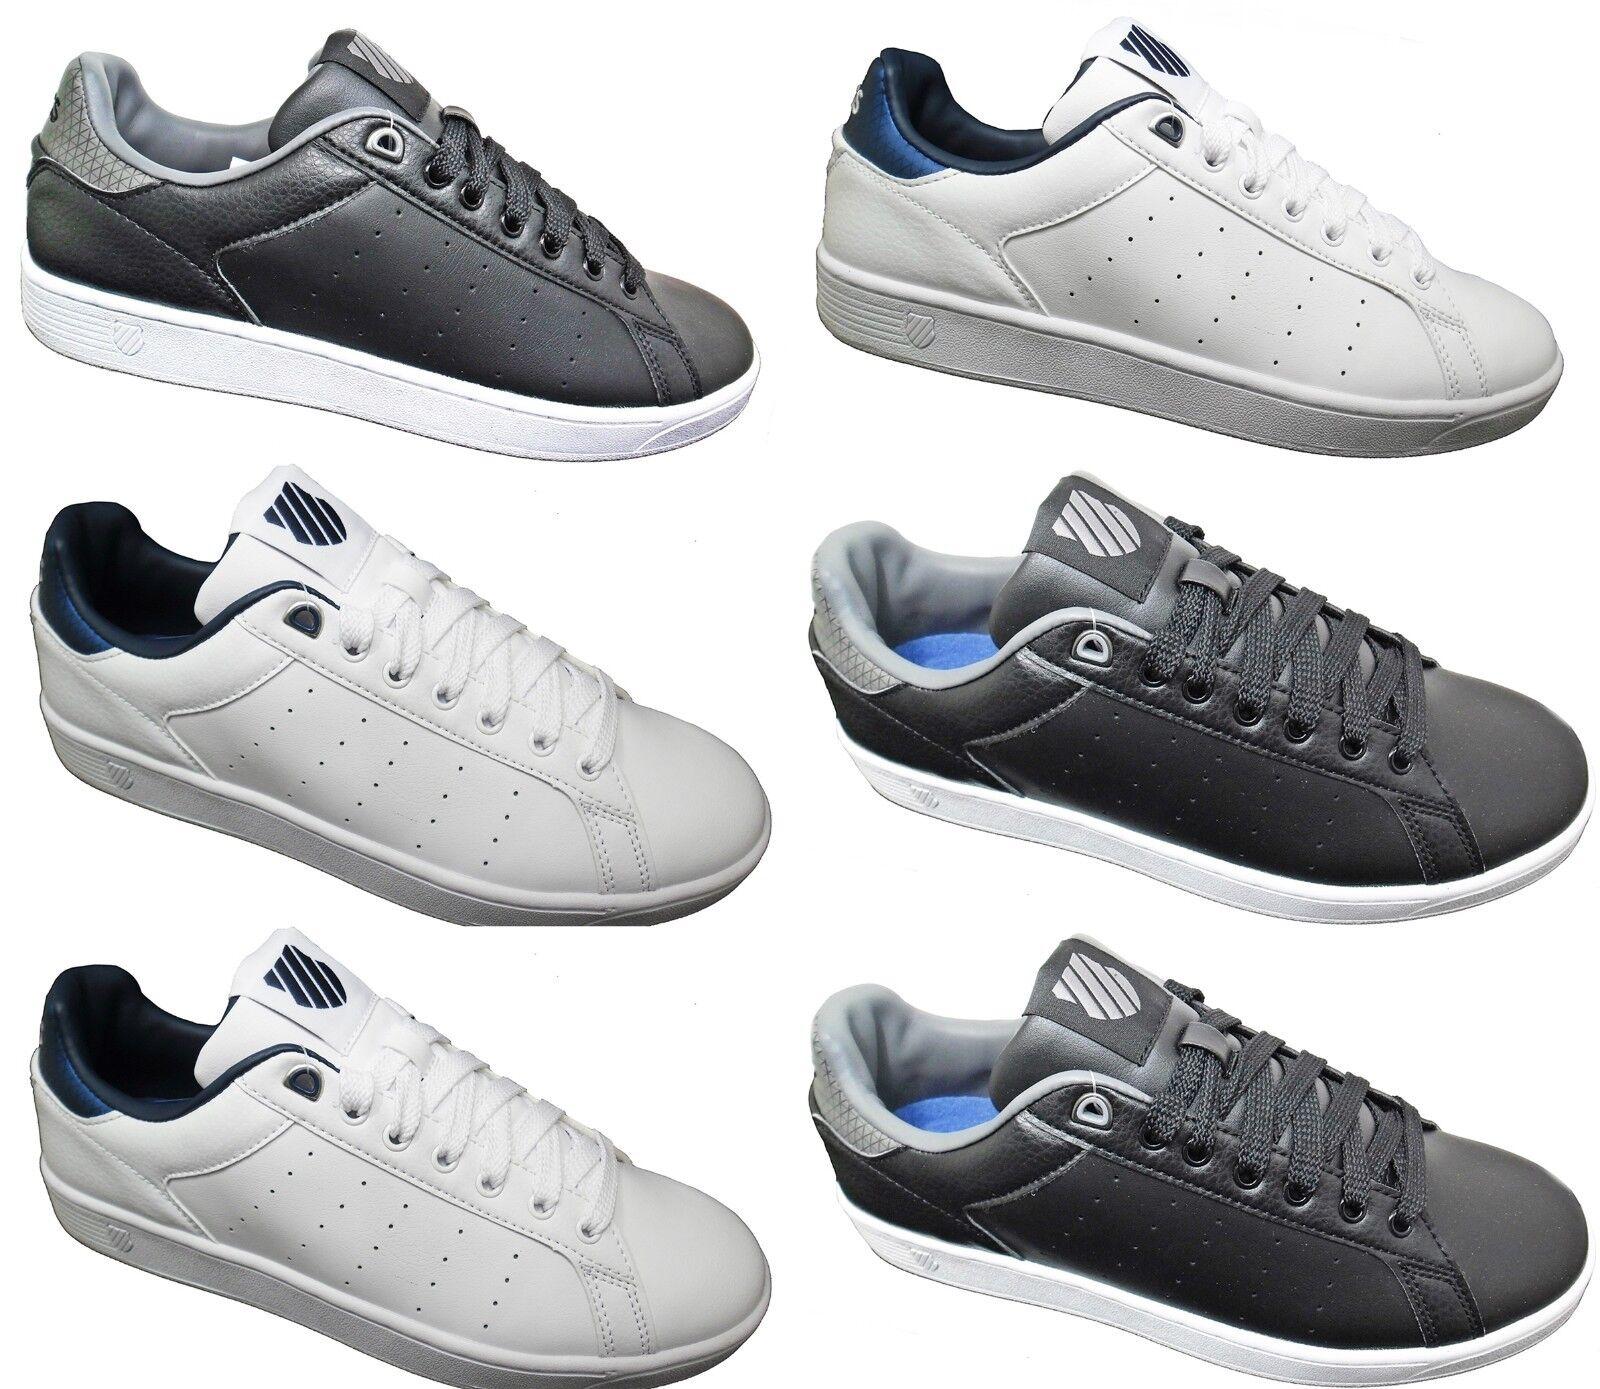 Nuevas zapatillas para hombre K-Swiss de Cuero Retro Venta Tribunal Zapatos Blanco Negro Tamaño 7-12